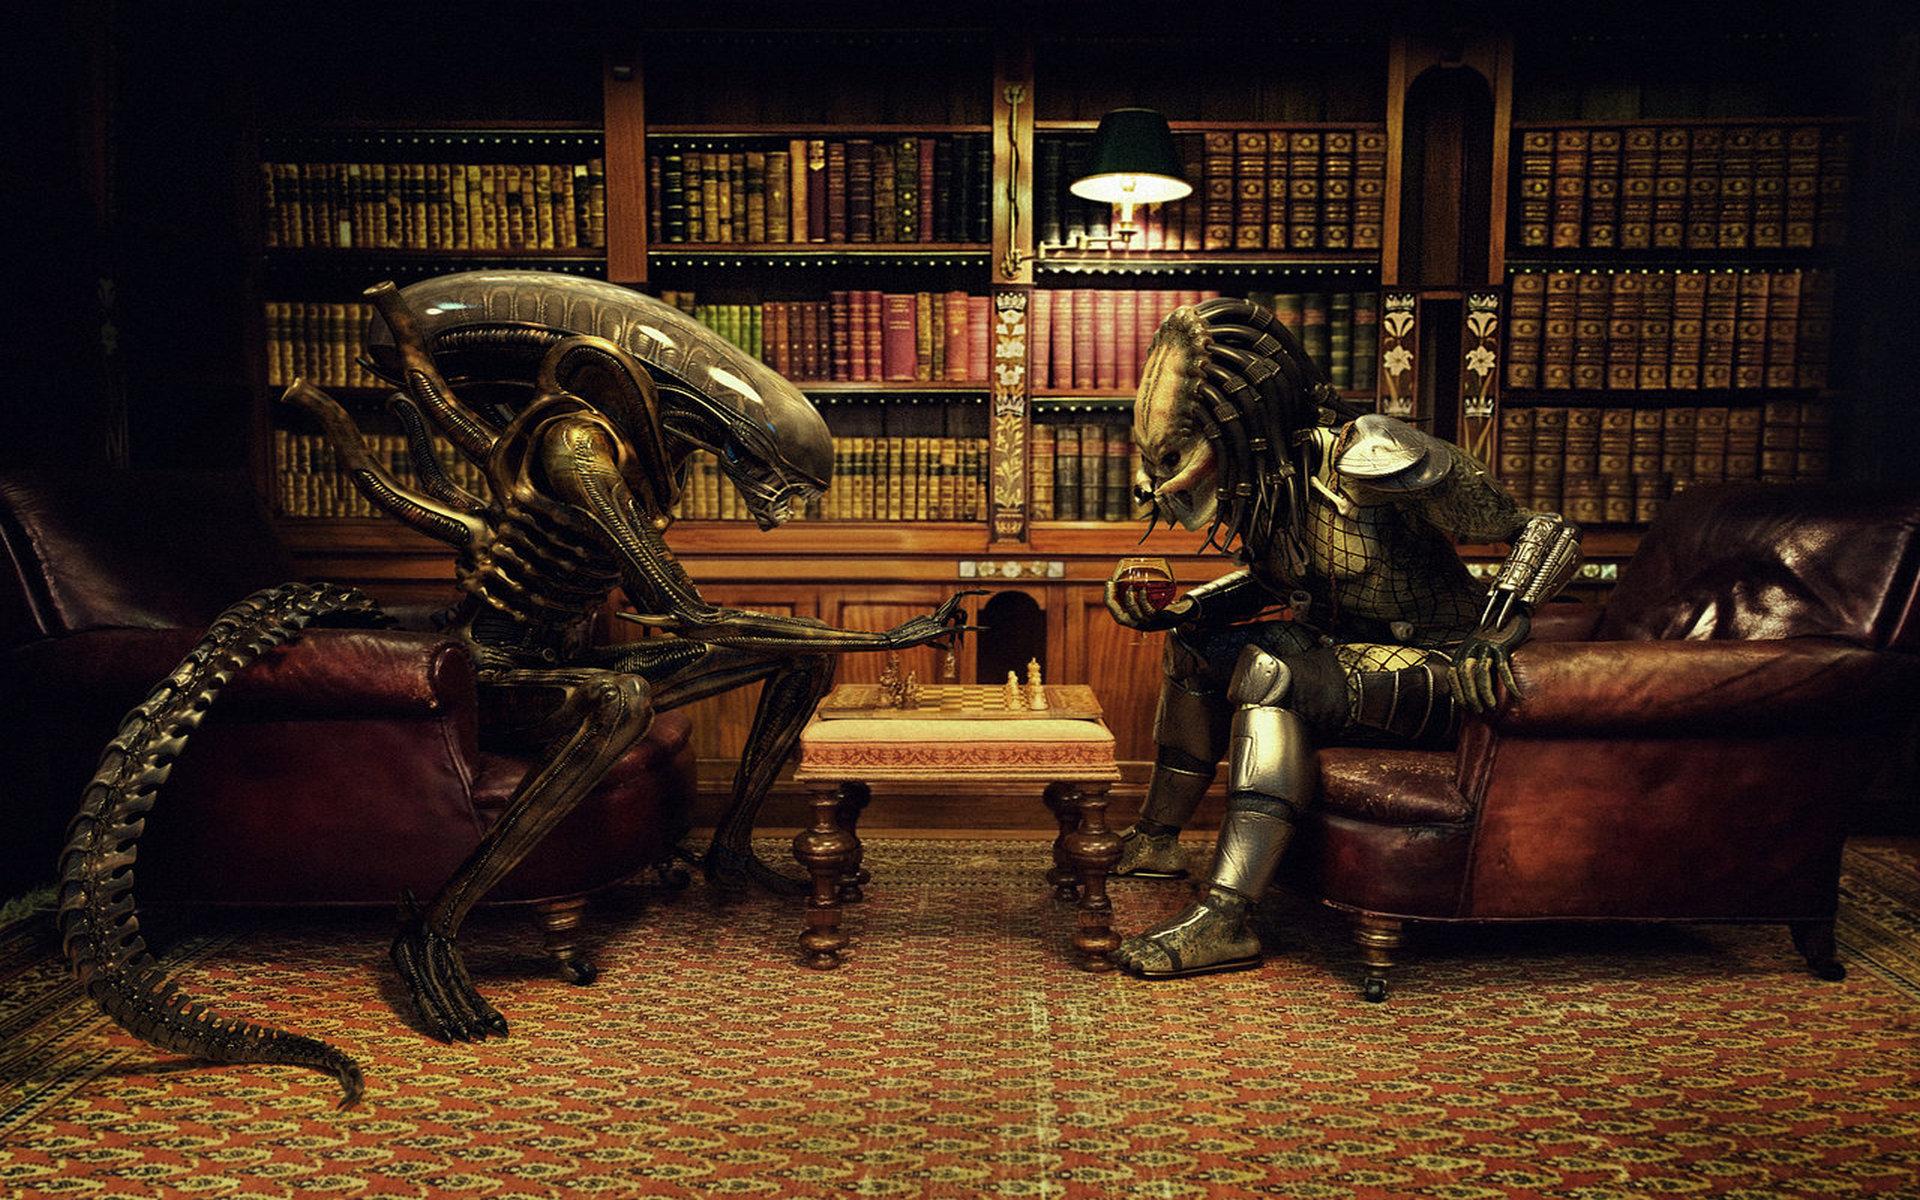 alien-fff-1920